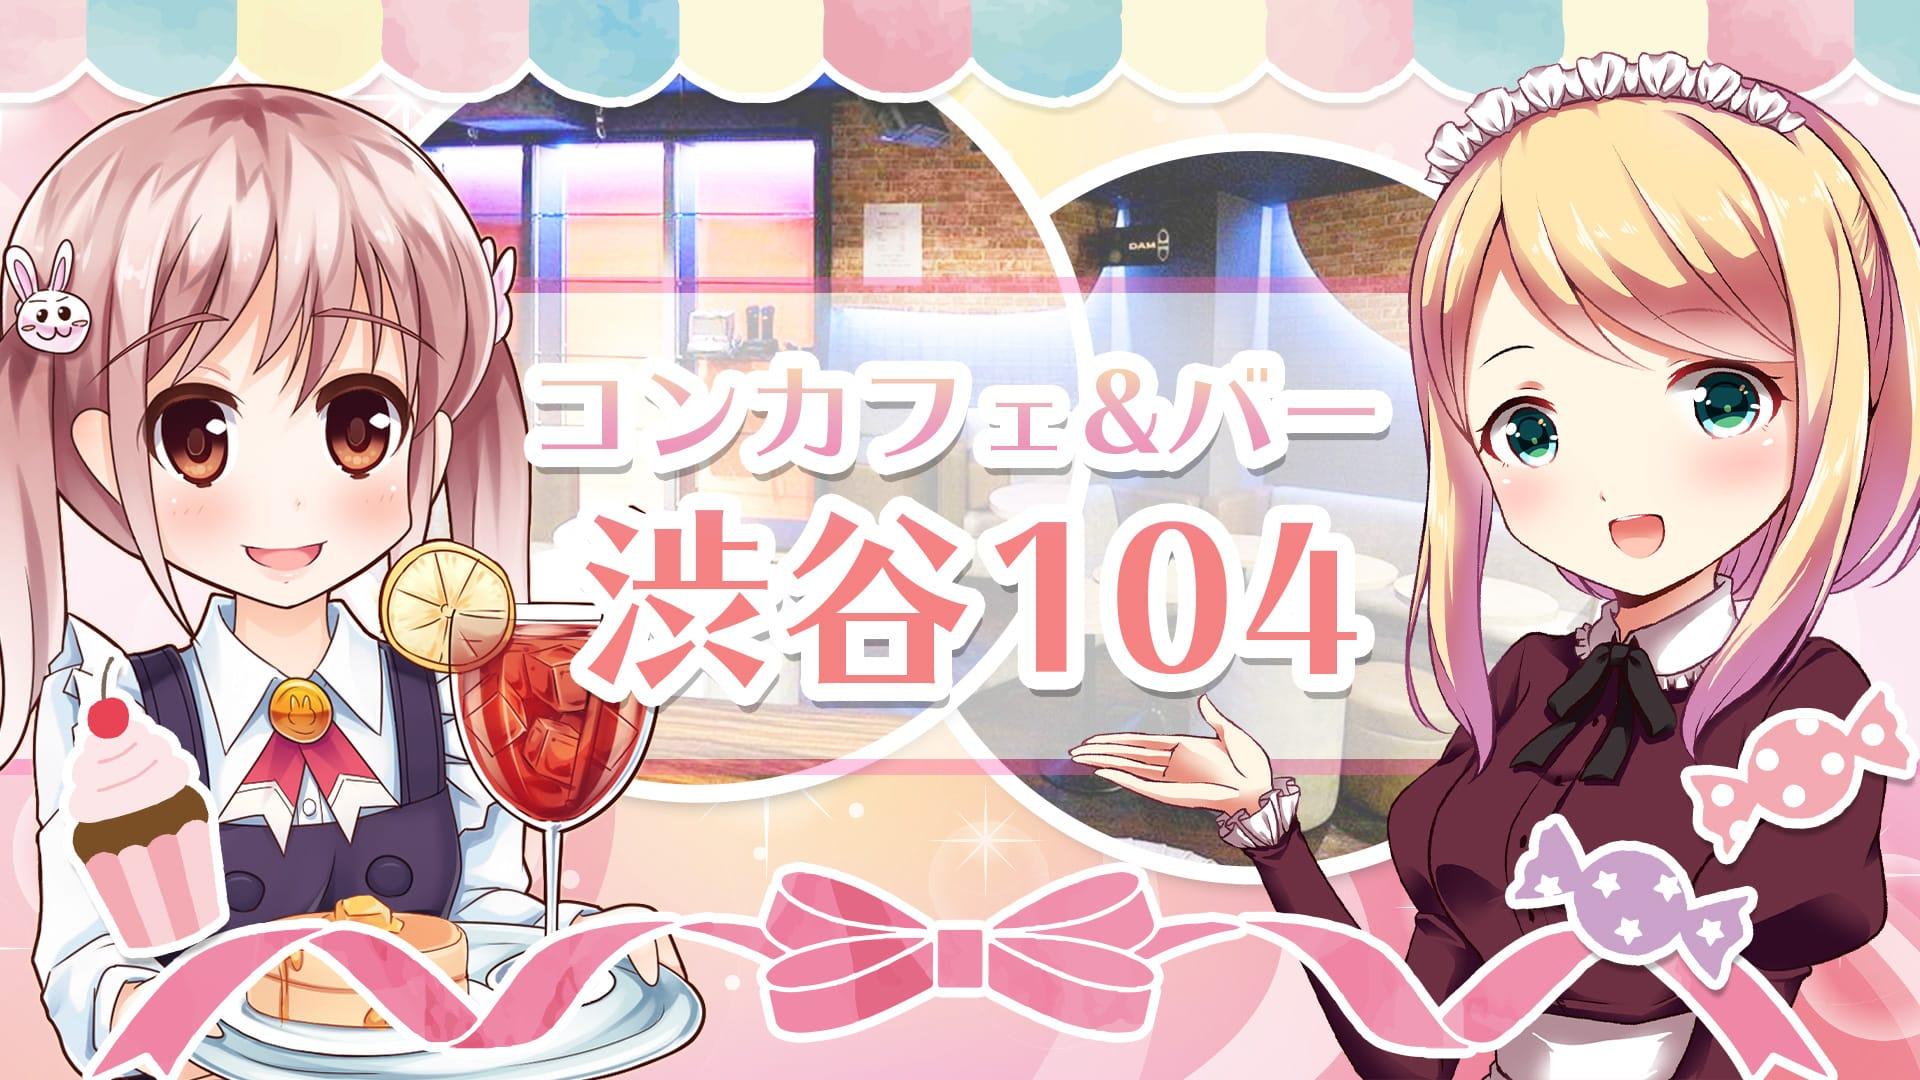 コンカフェ&バー 渋谷104(イチマルヨン) 渋谷ガールズバー TOP画像